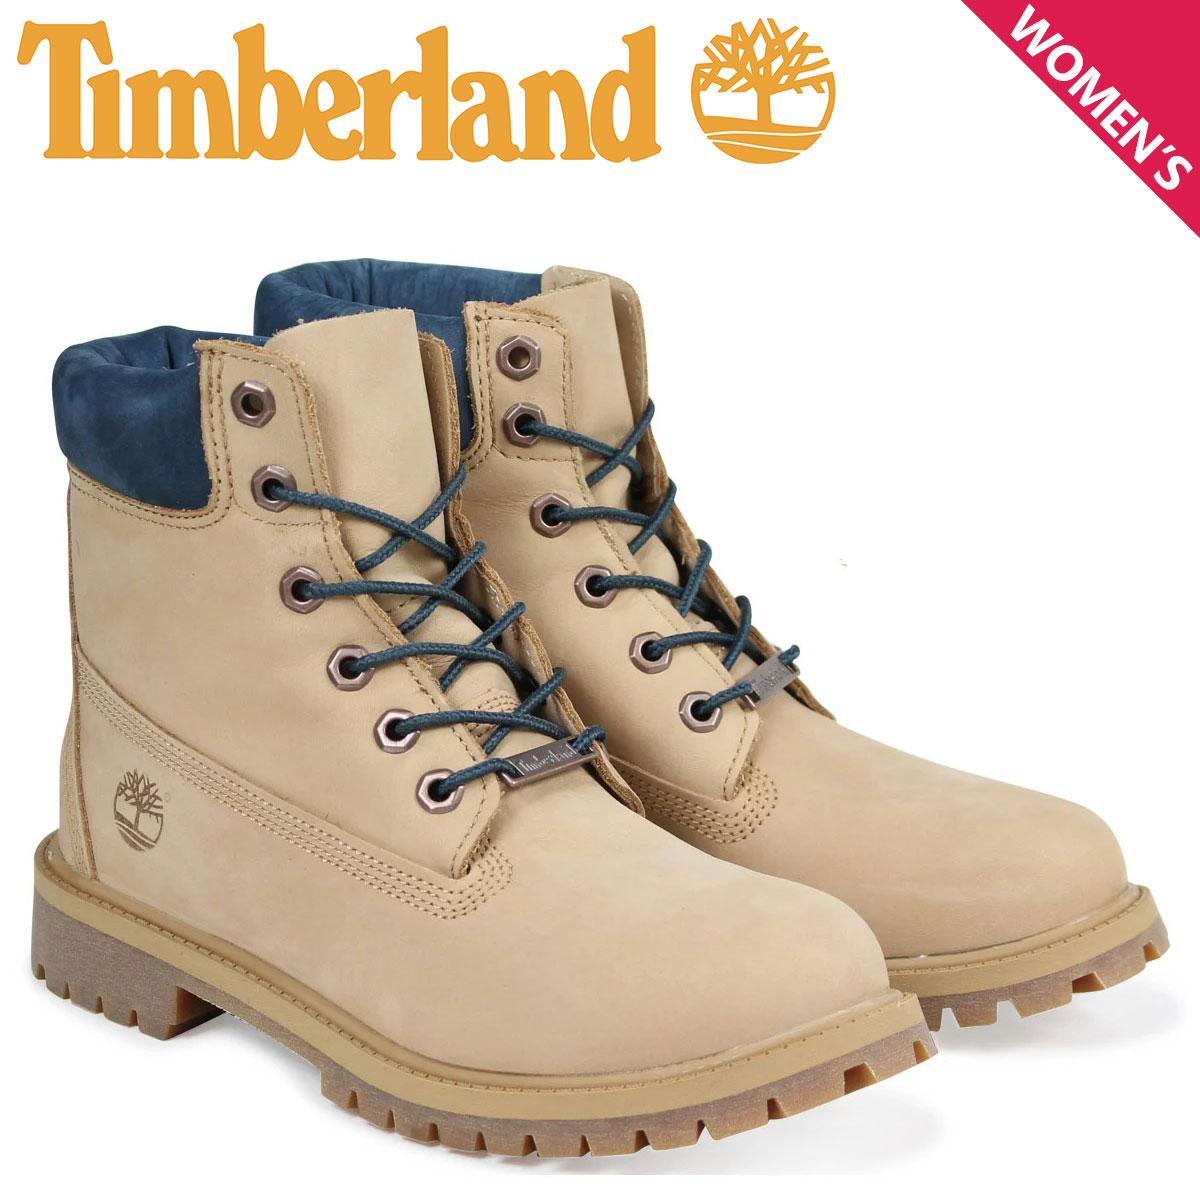 ティンバーランド レディース ブーツ 6インチ Timberland キッズ JUNIOR 6INCH WATERPROOF BOOT A1PLO Wワイズ 防水 ベージュ